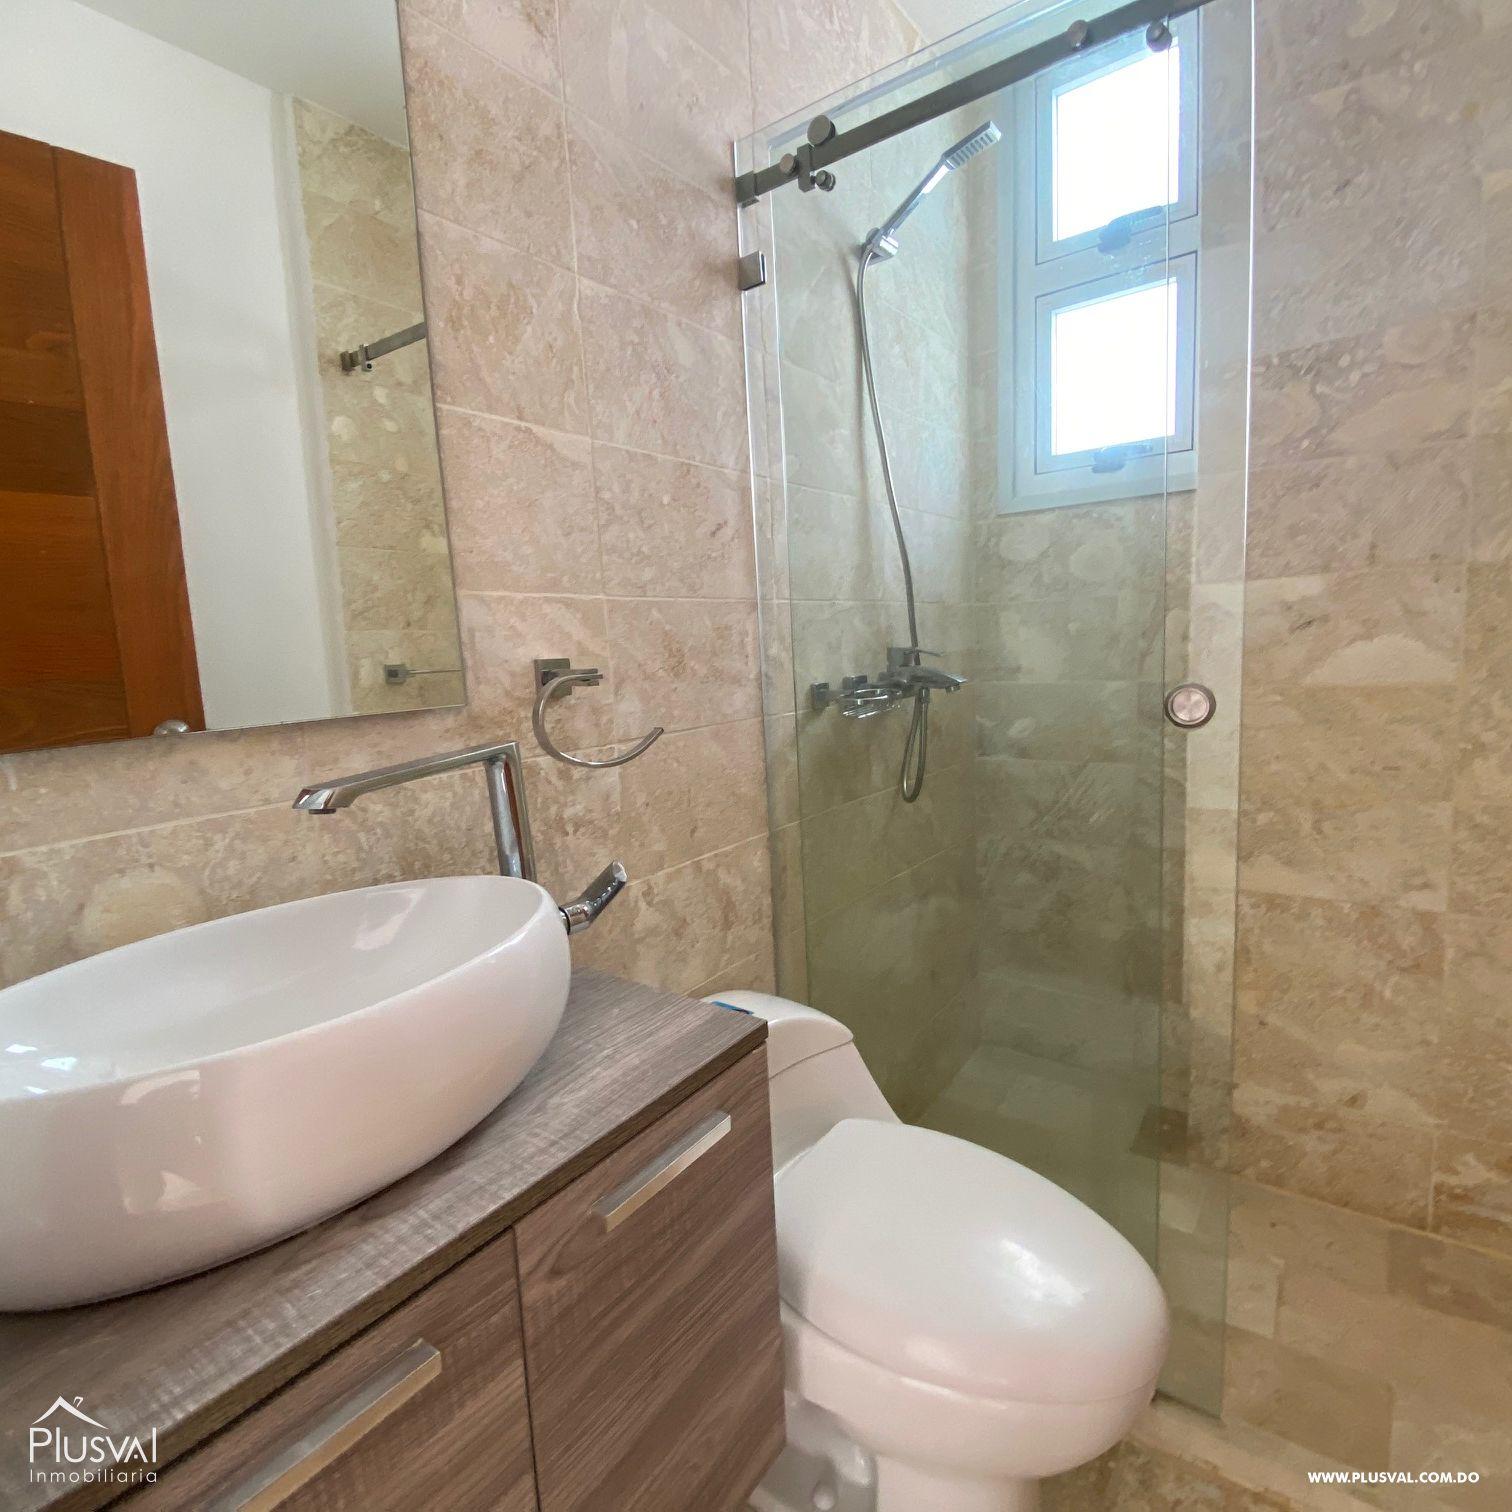 Apartamento en venta, en Puntacana Village 152481